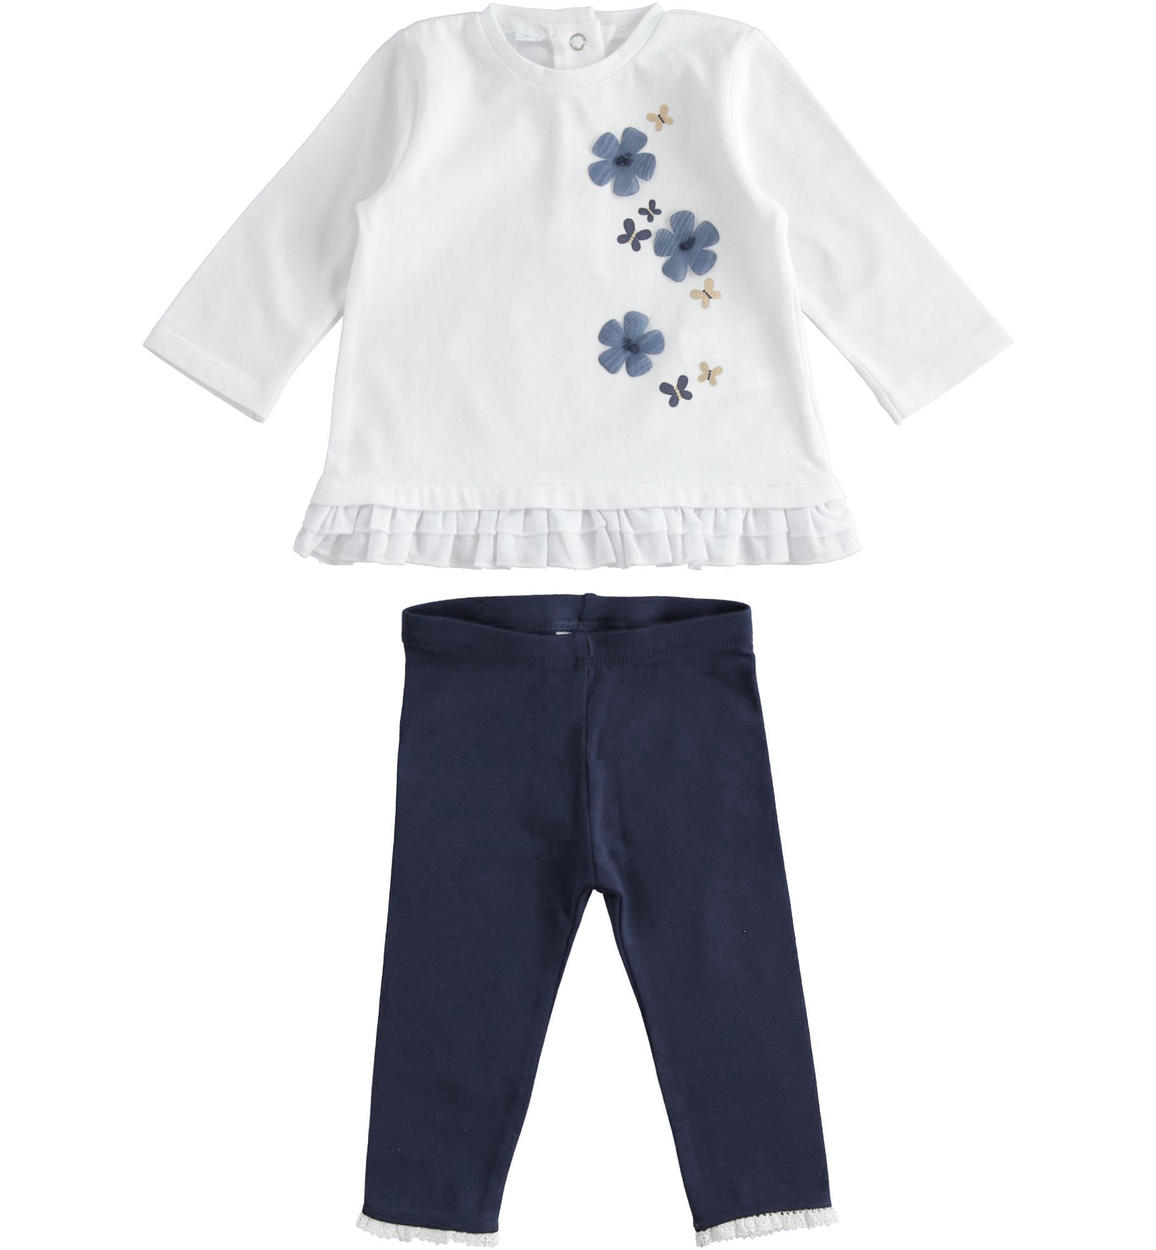 fehér virágos felső és kék csipke aljú kislány bébi leggings